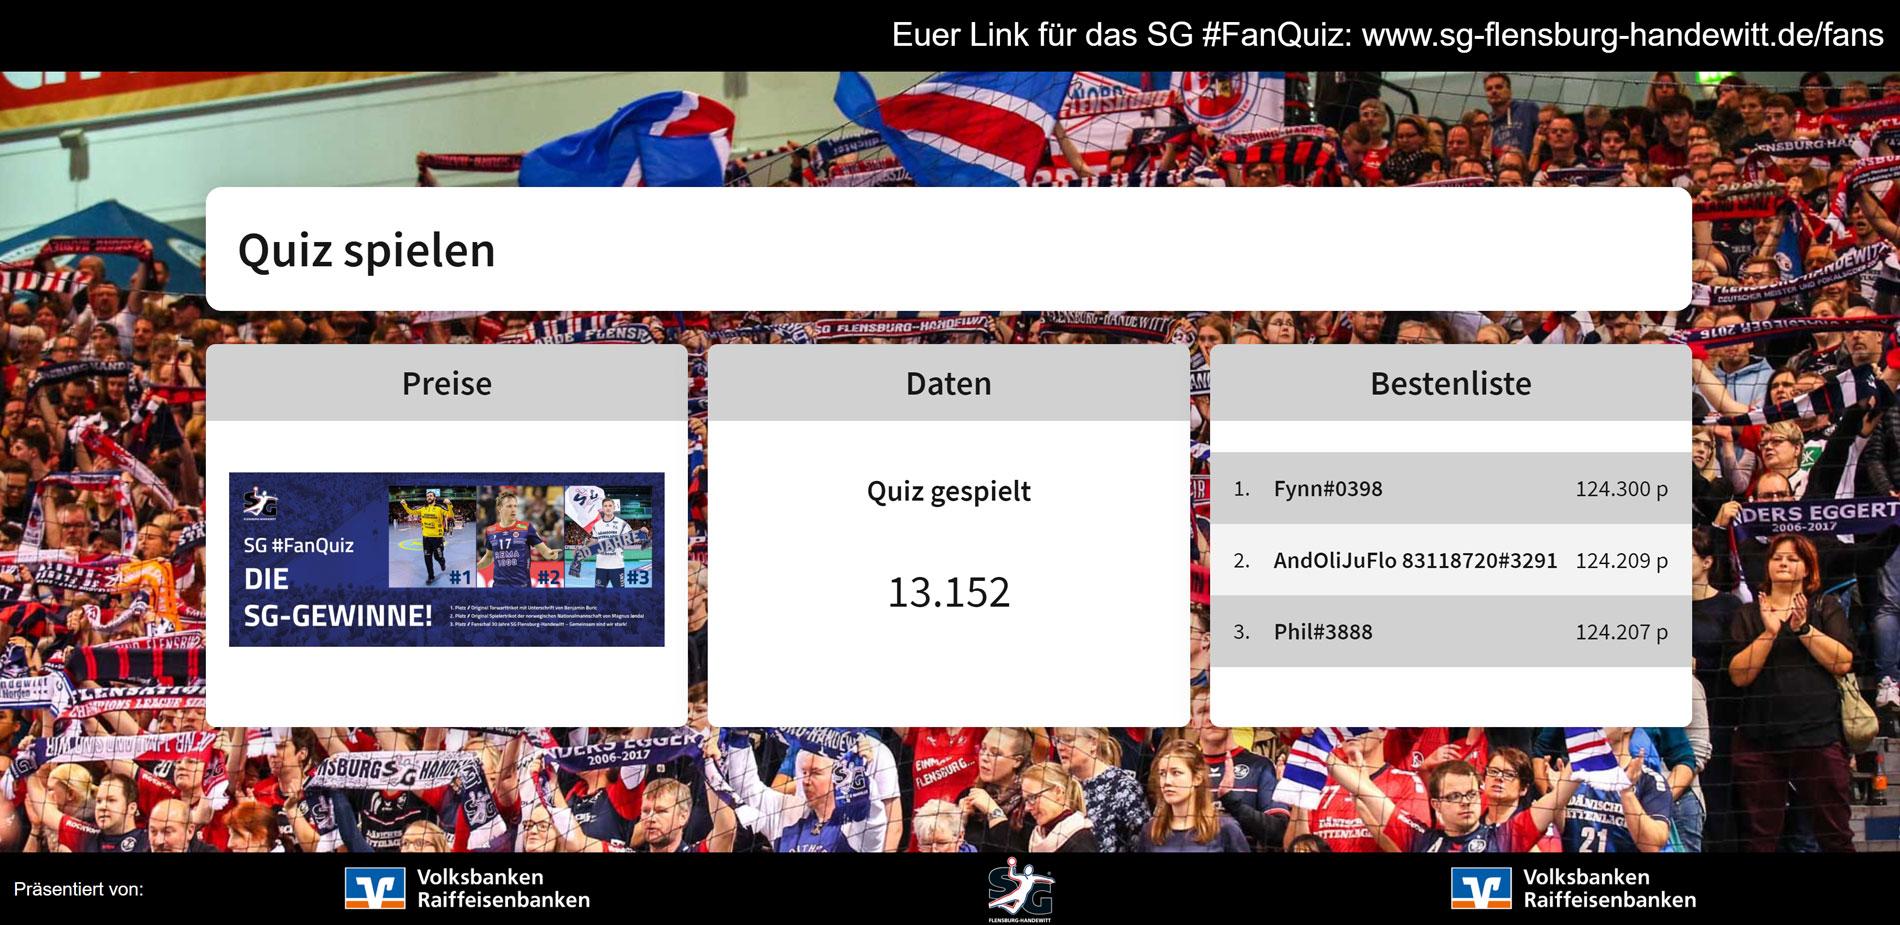 SG Flensburg-Handewitt vs. MT Melsungen Flensburg Fan-Quiz 11.2020